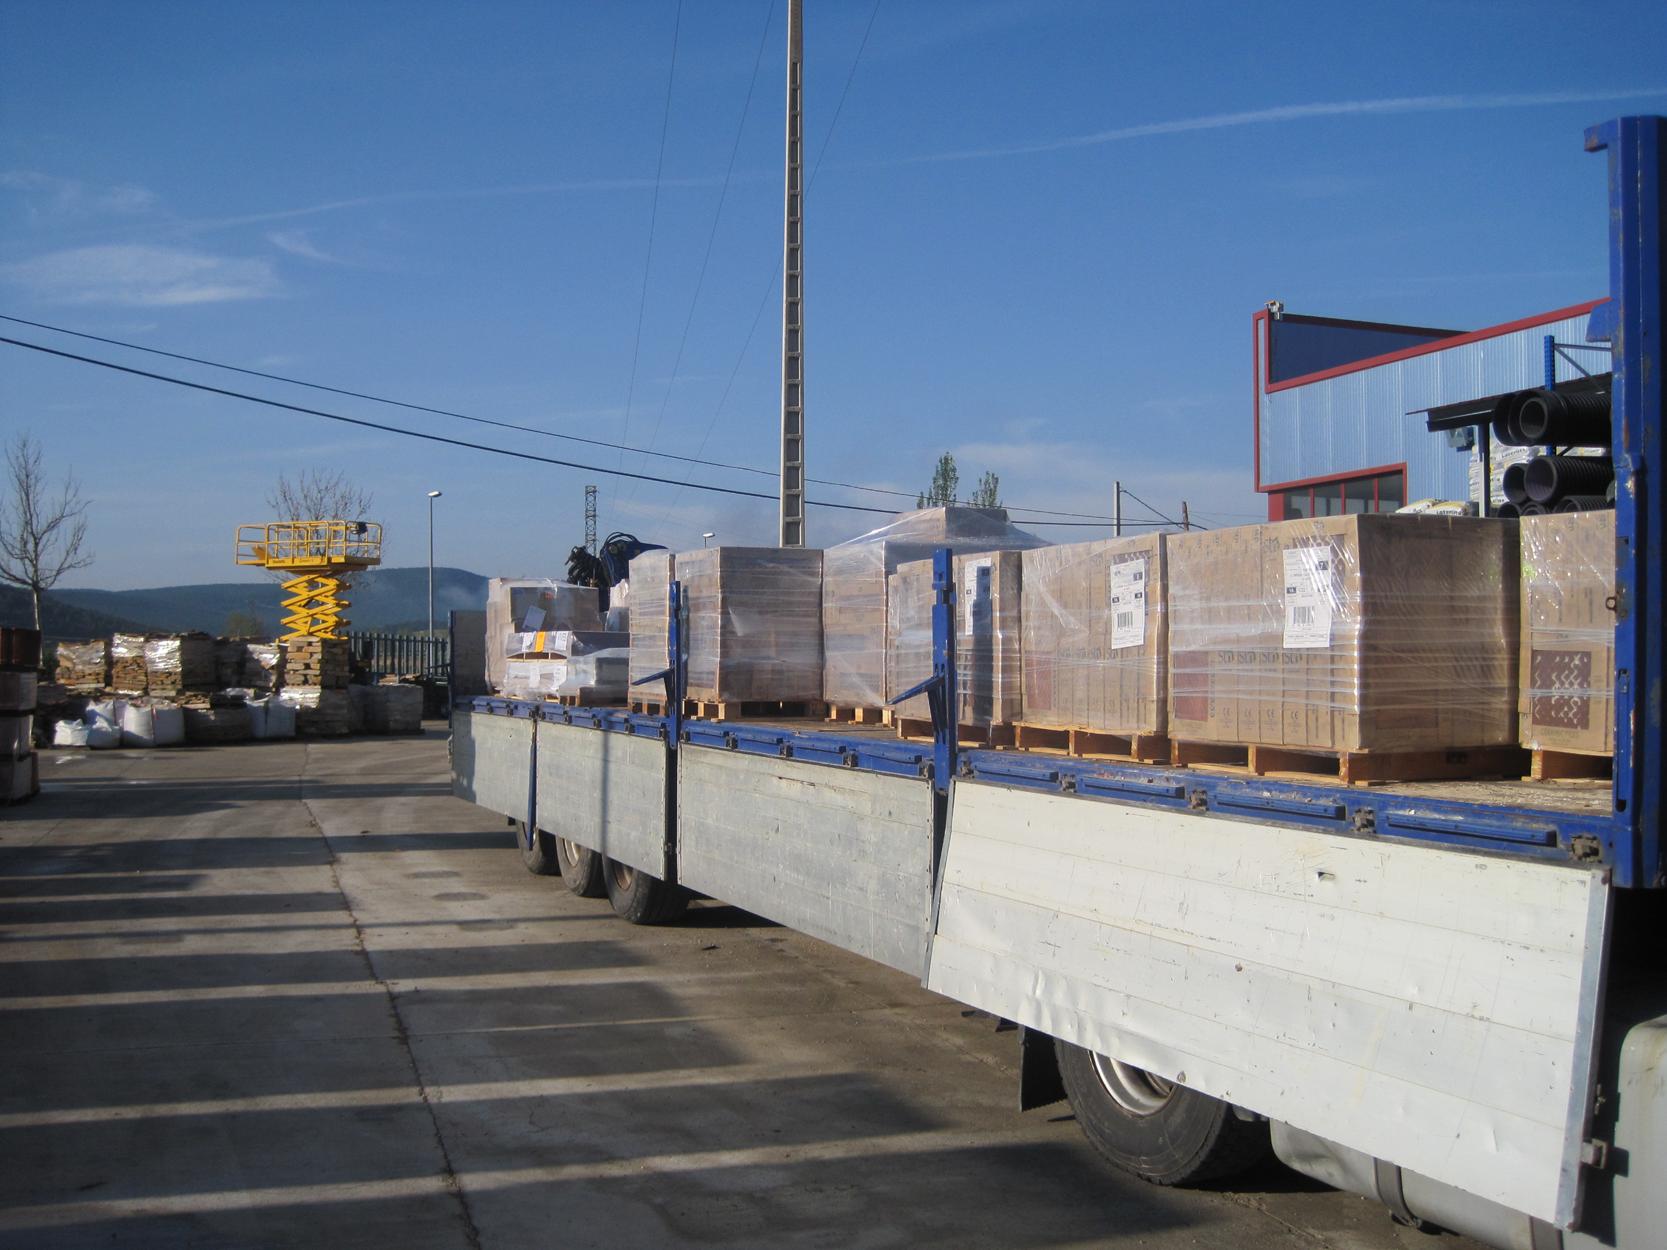 Materiales de construcci n 2 talleres blesa - Materiales de construccion tarragona ...